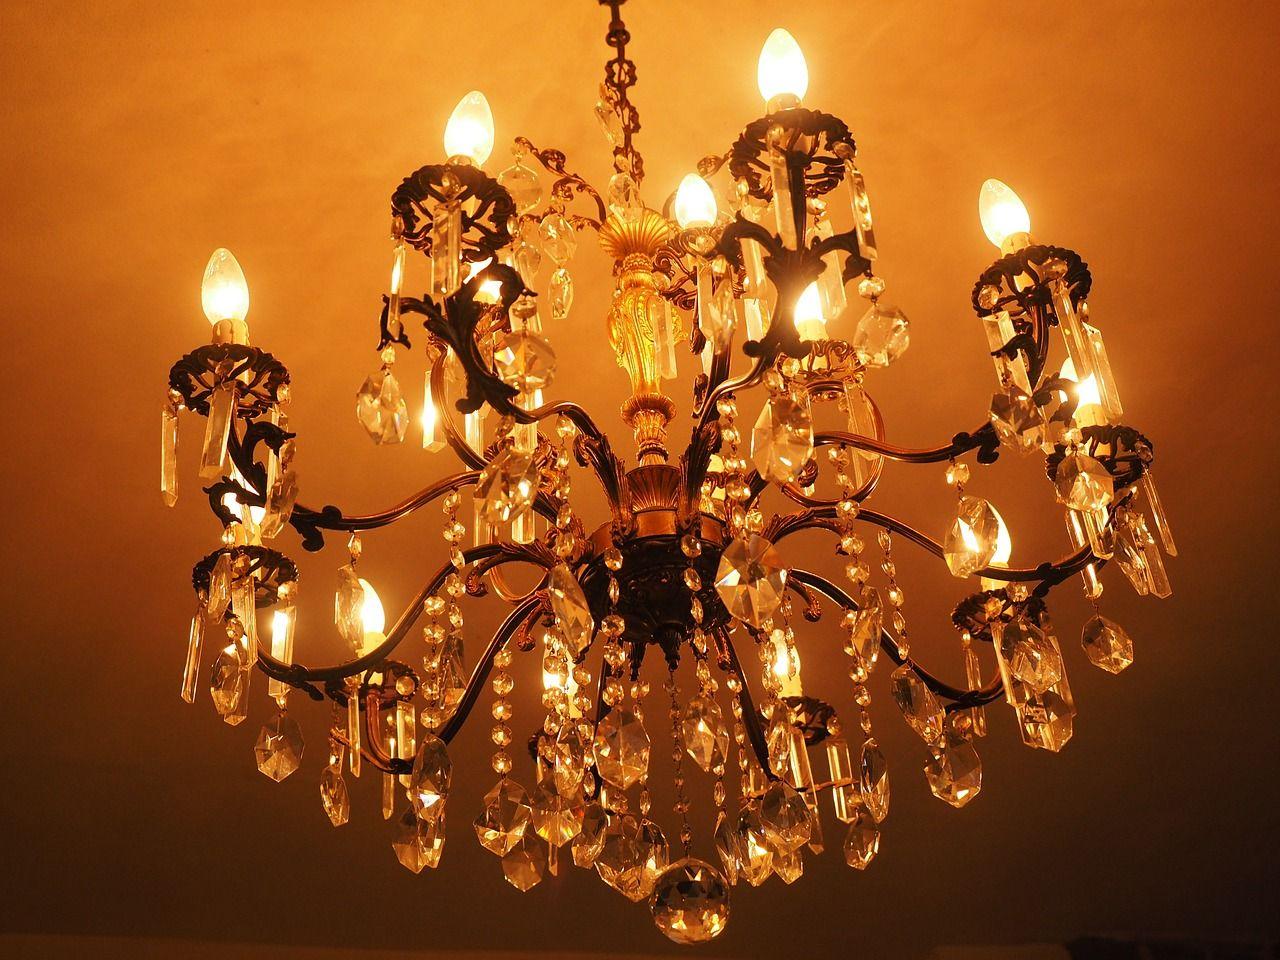 Lampa – ważny element wystroju wnętrza